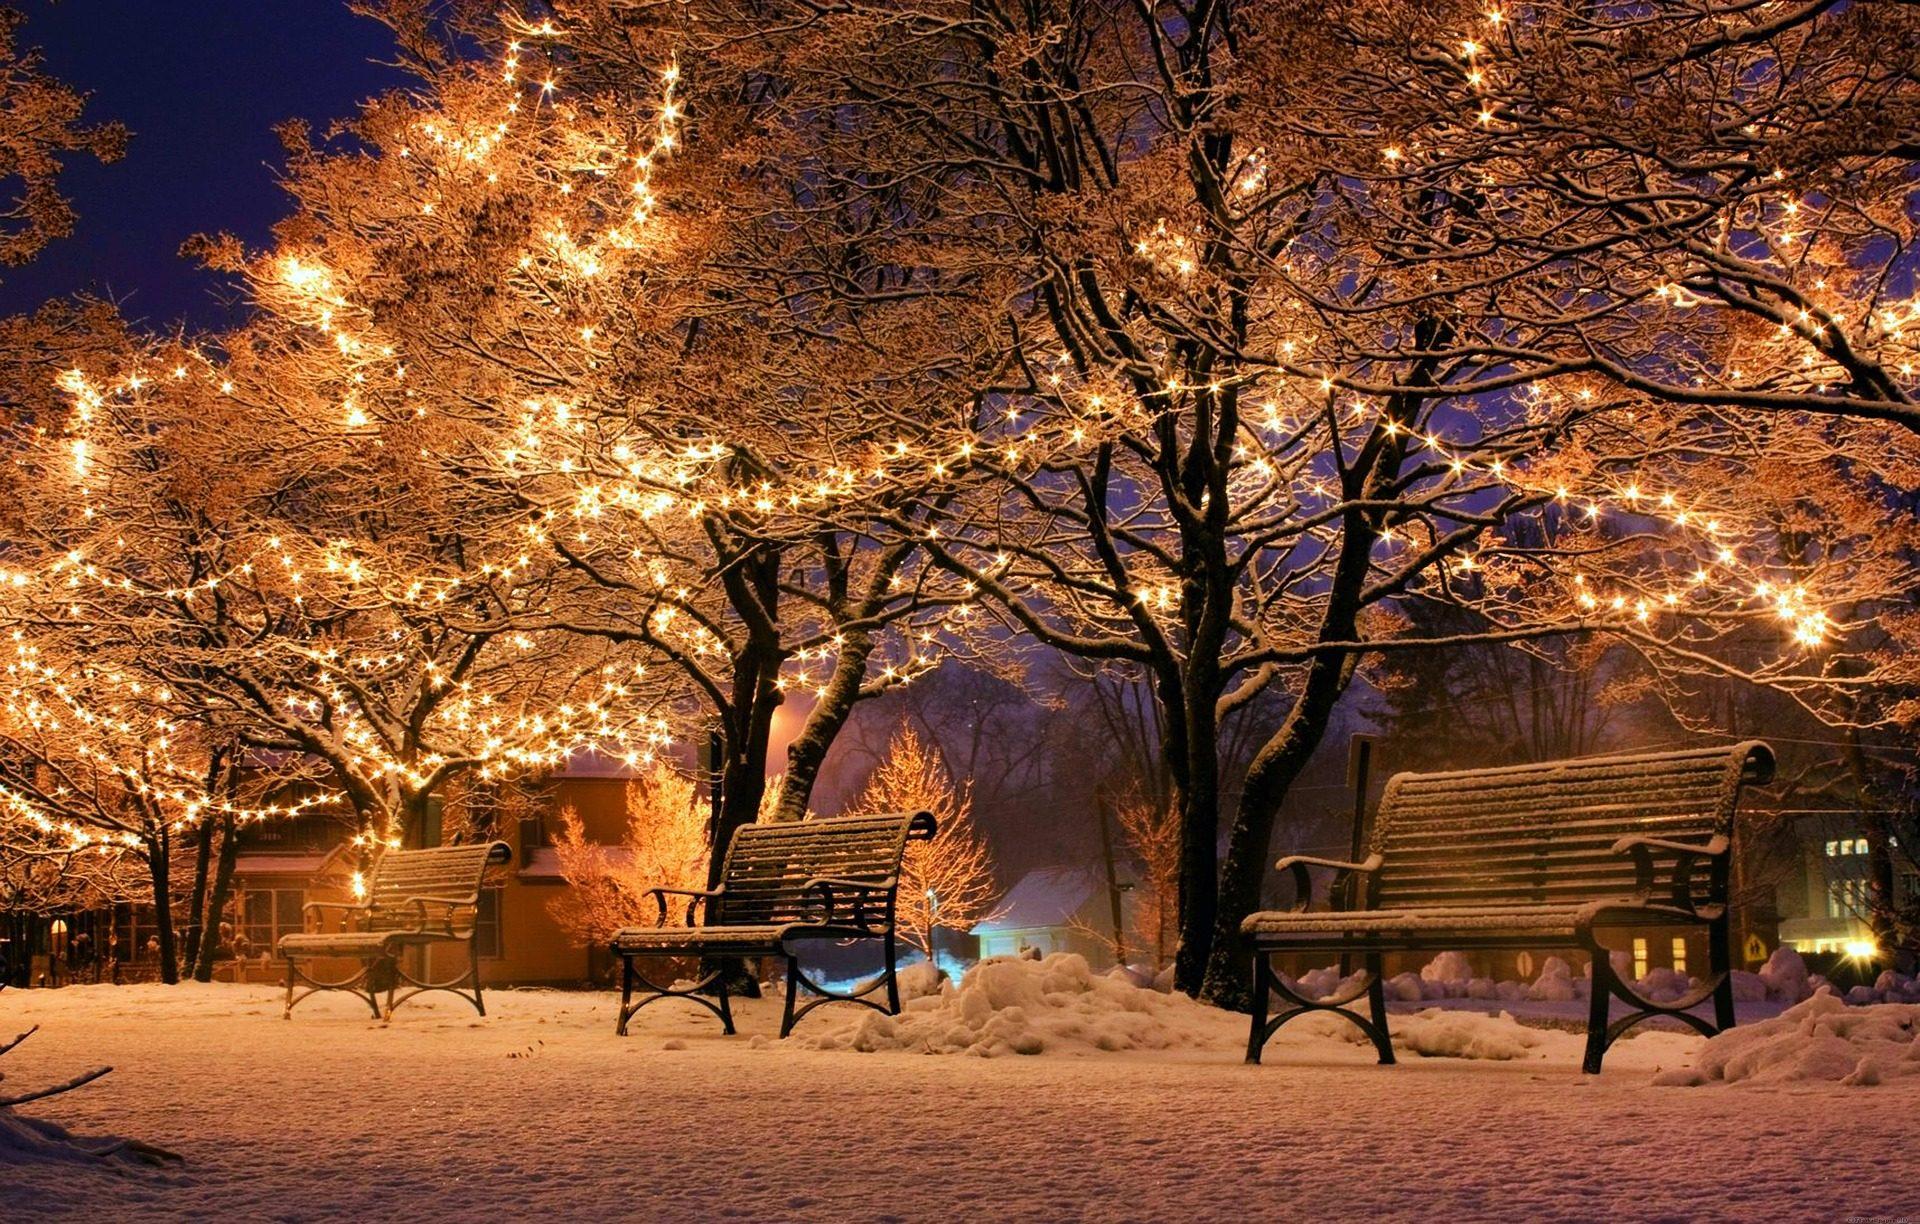 банки, Парк, деревья, фары, украшения, Рождество - Обои HD - Профессор falken.com